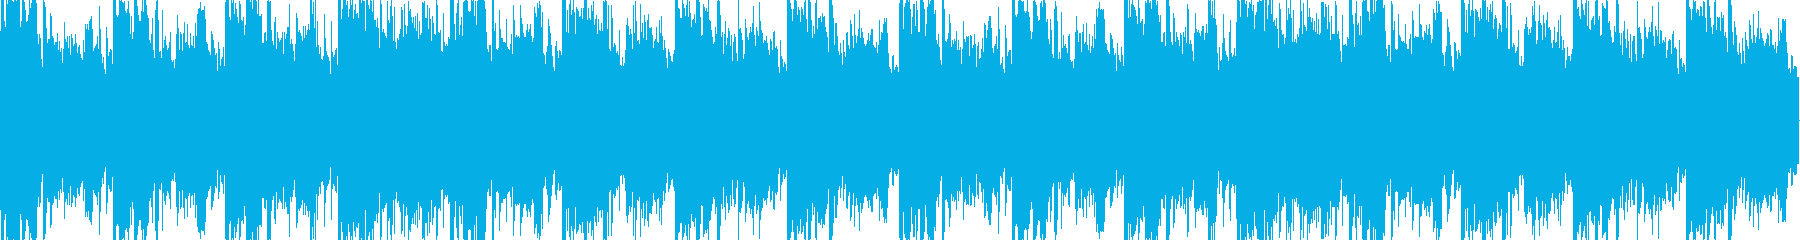 幻想的なループBGMの再生済みの波形